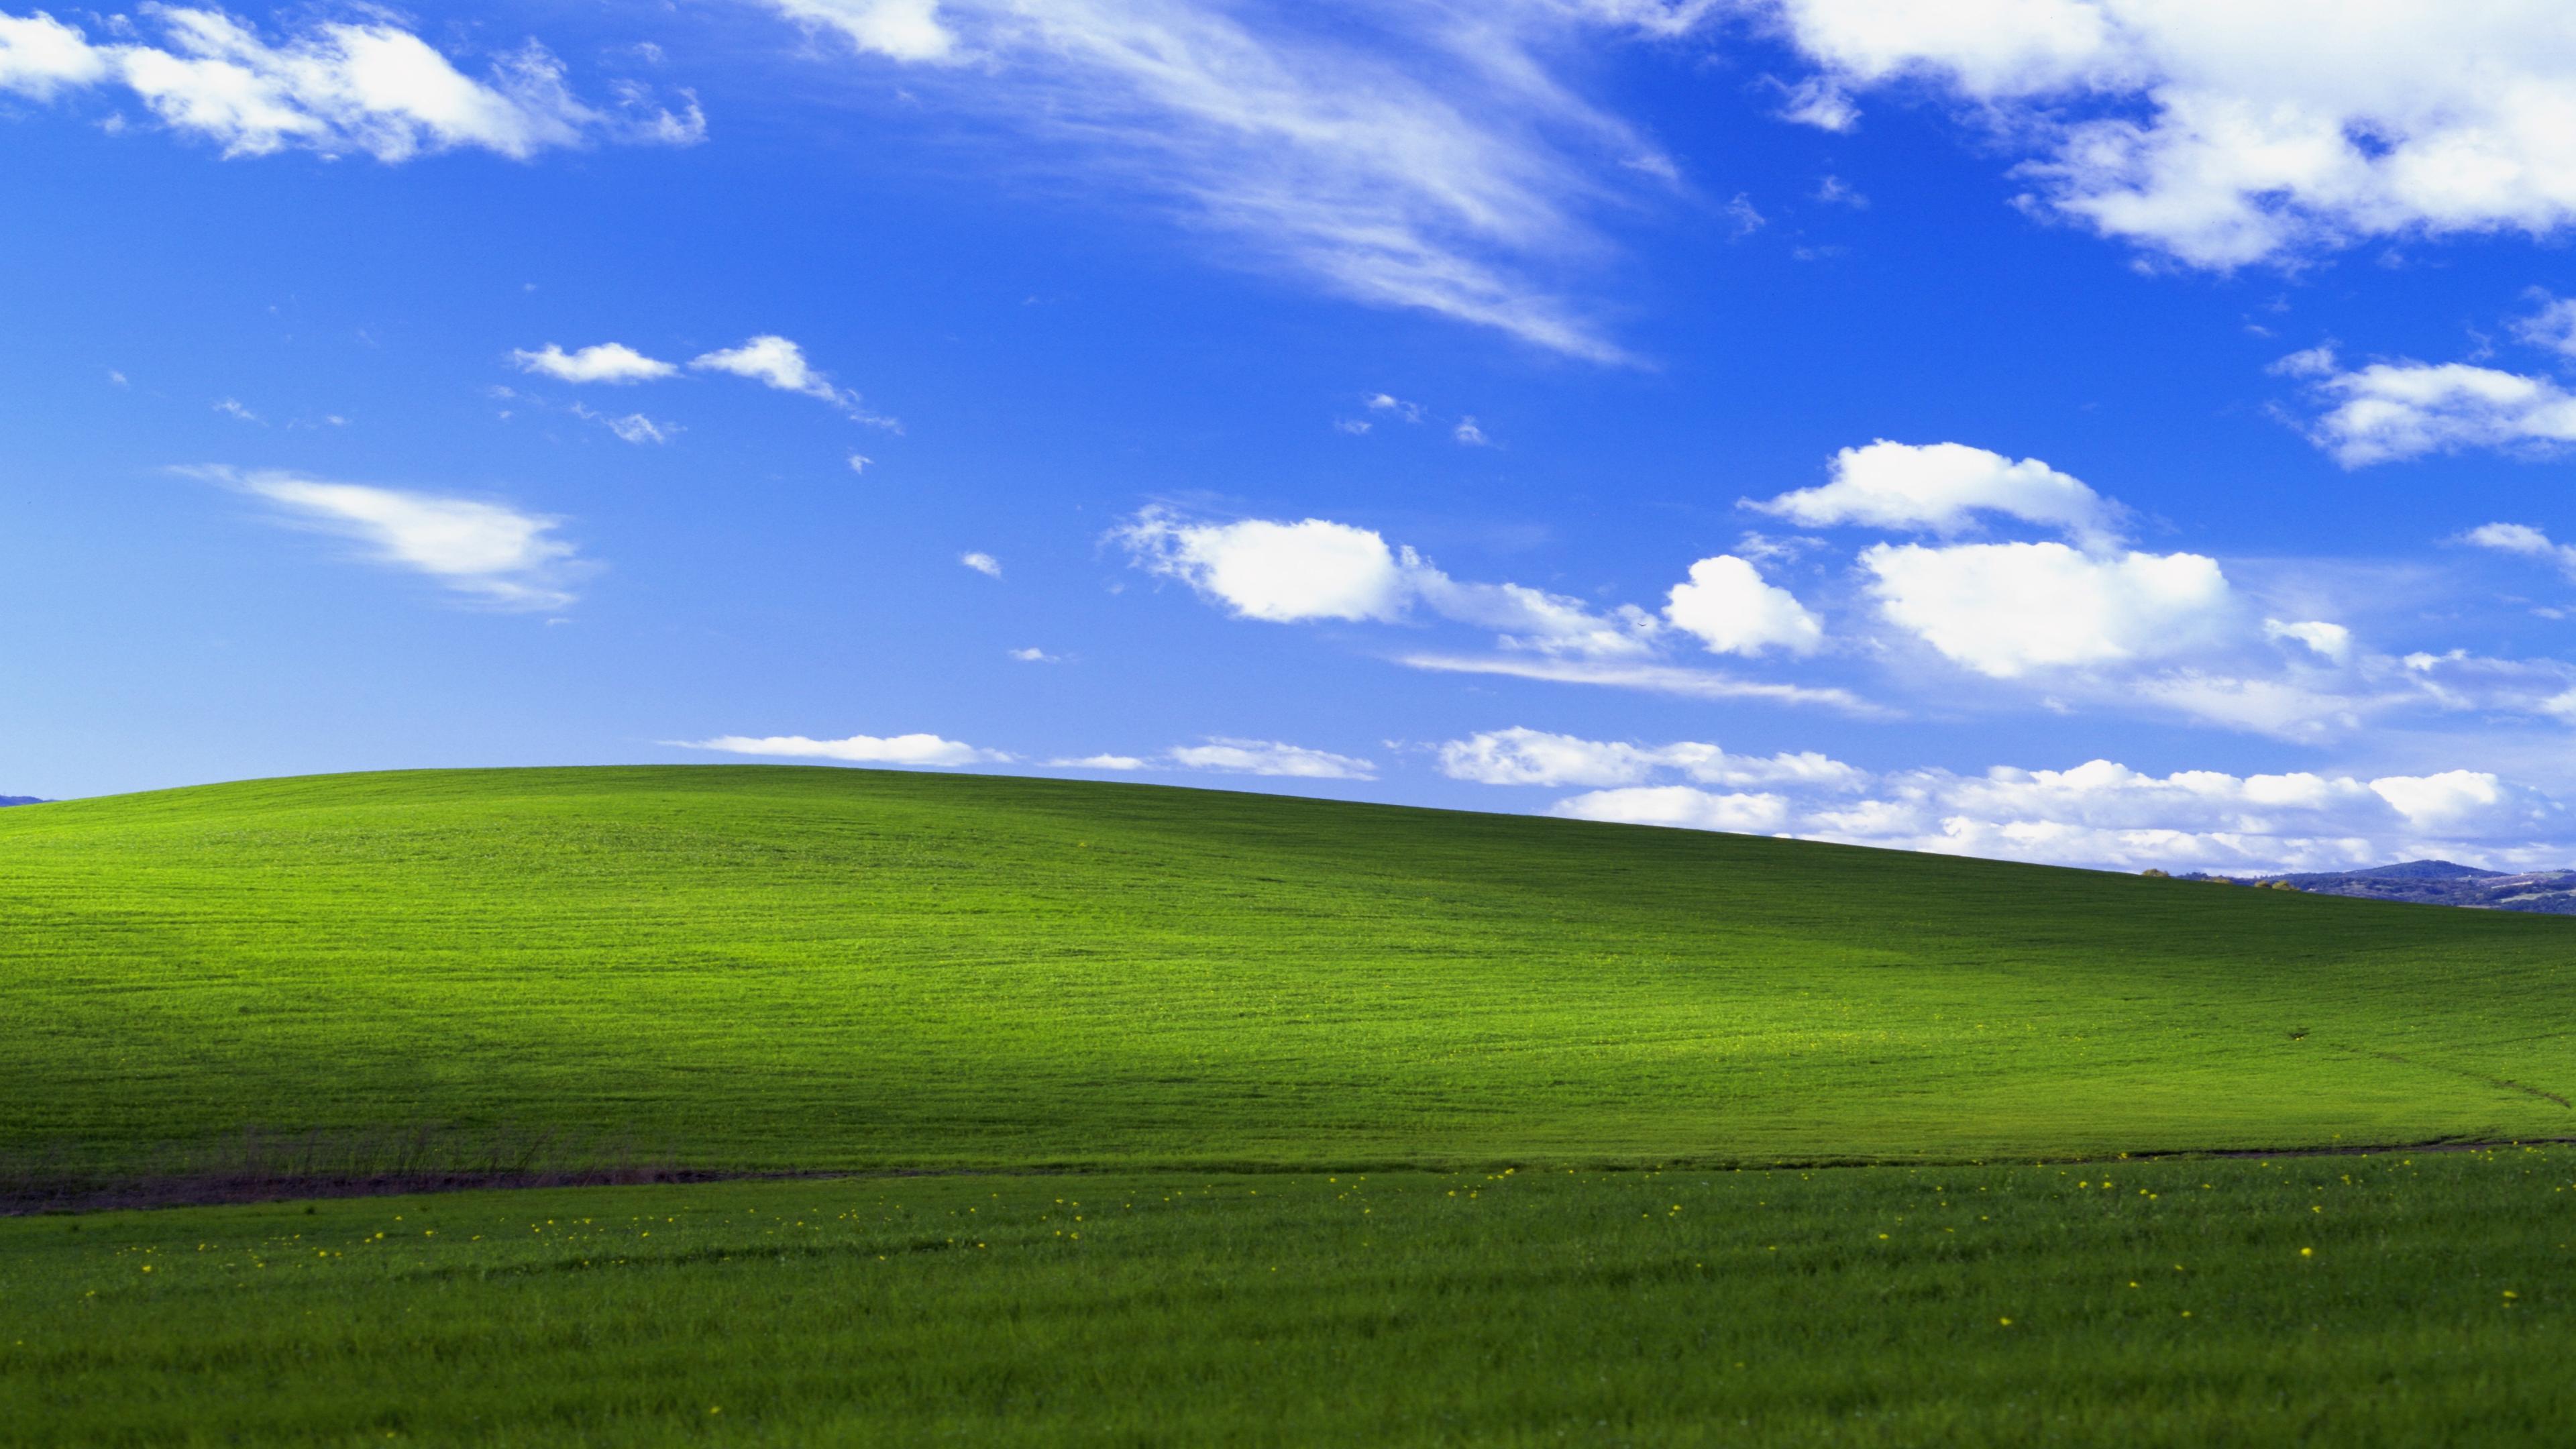 windows10壁纸1080-关于windows 2000升级XP的方法图片